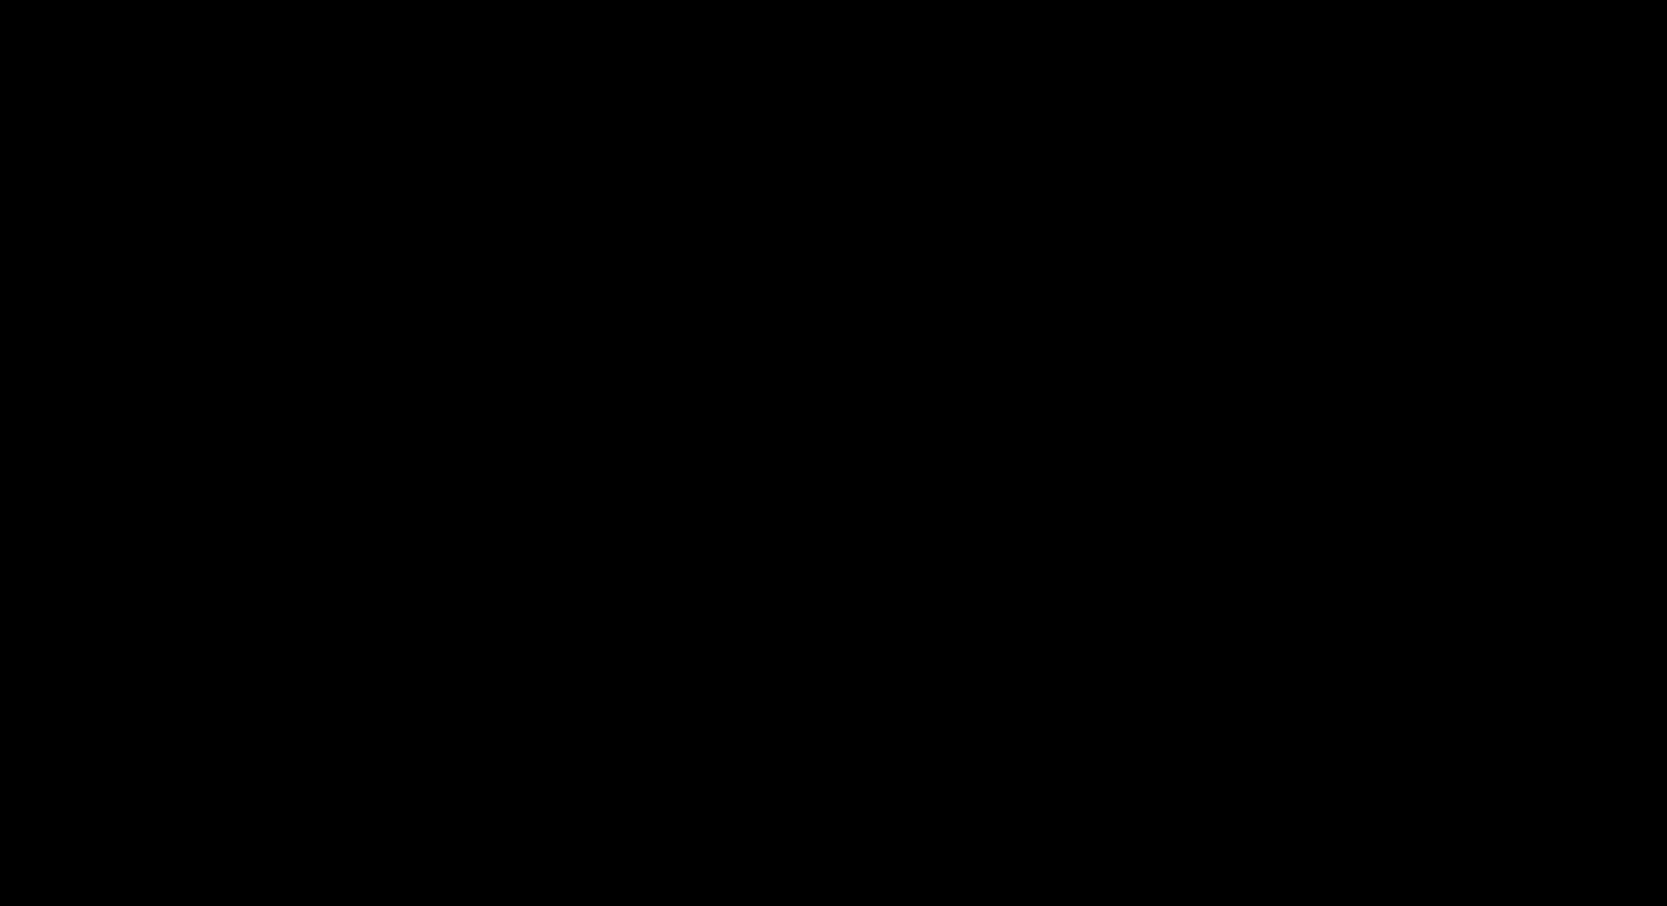 Ametralladora png